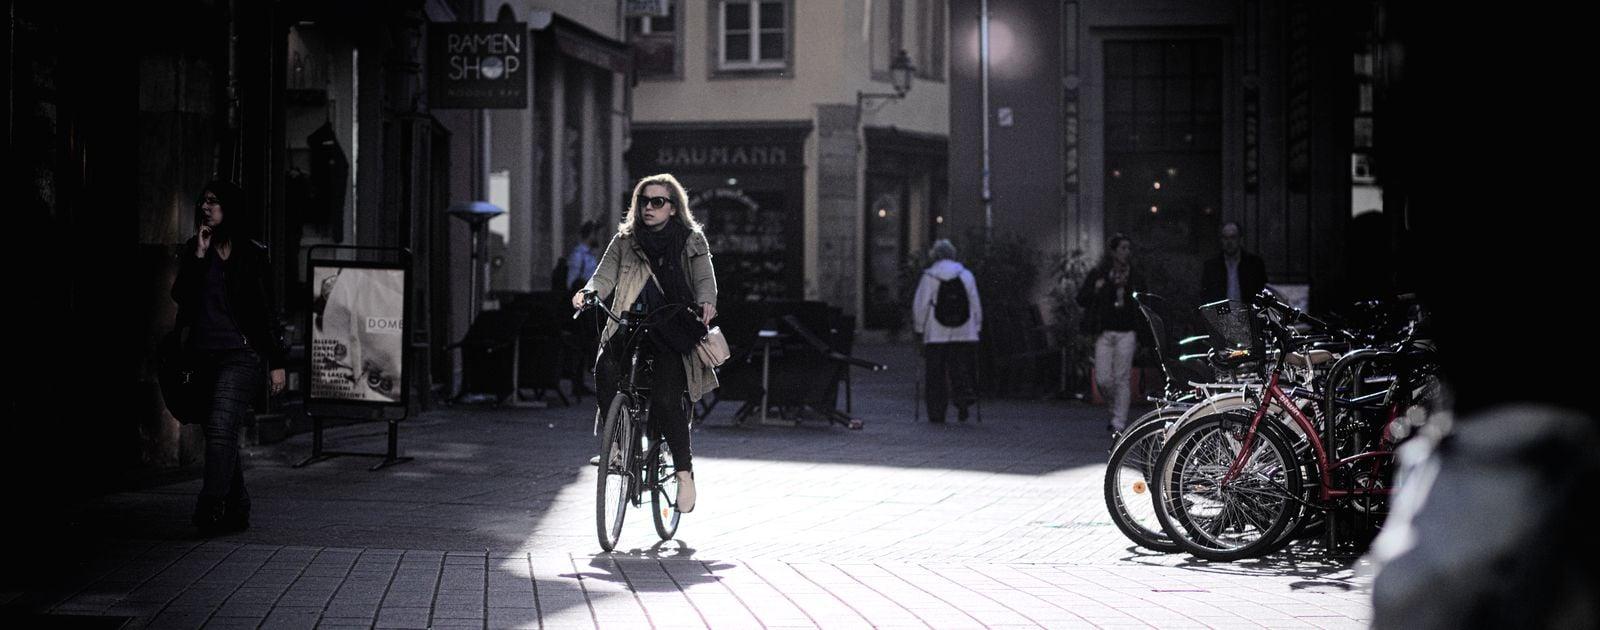 La police s'inquiète d'une augmentation d'accidents cyclistes